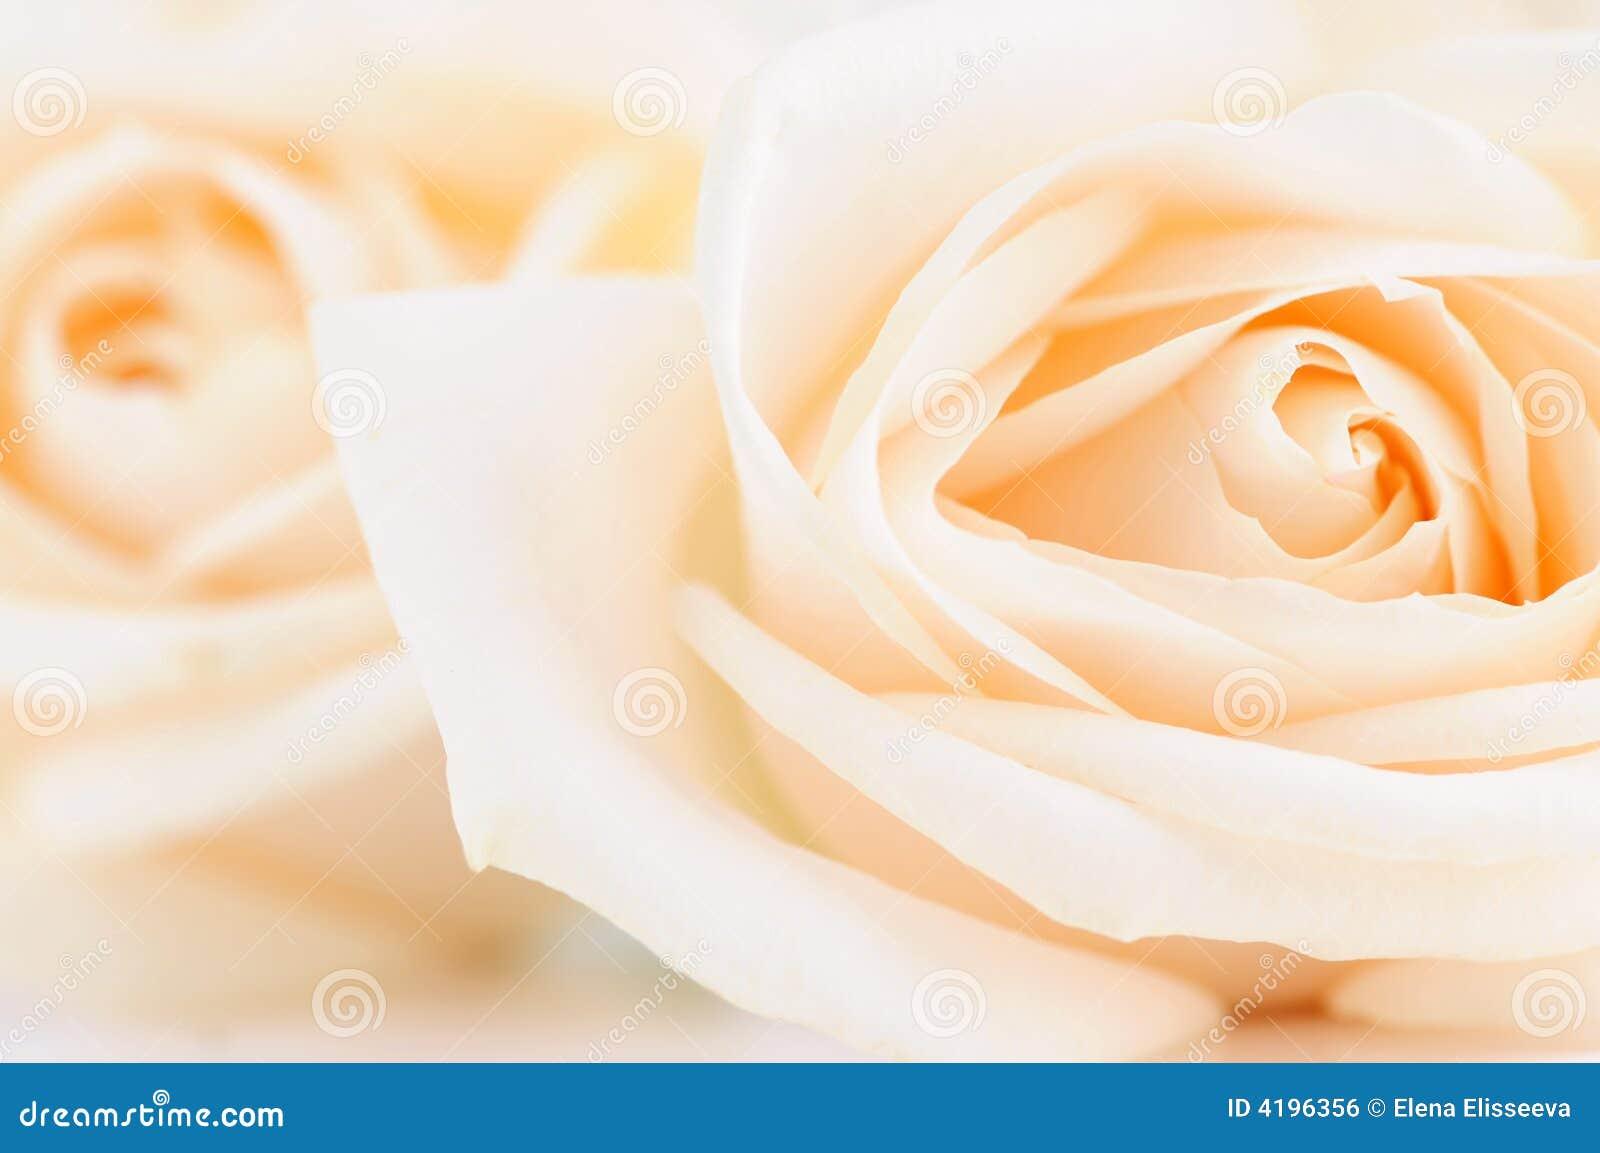 μπεζ λεπτά τριαντάφυλλα